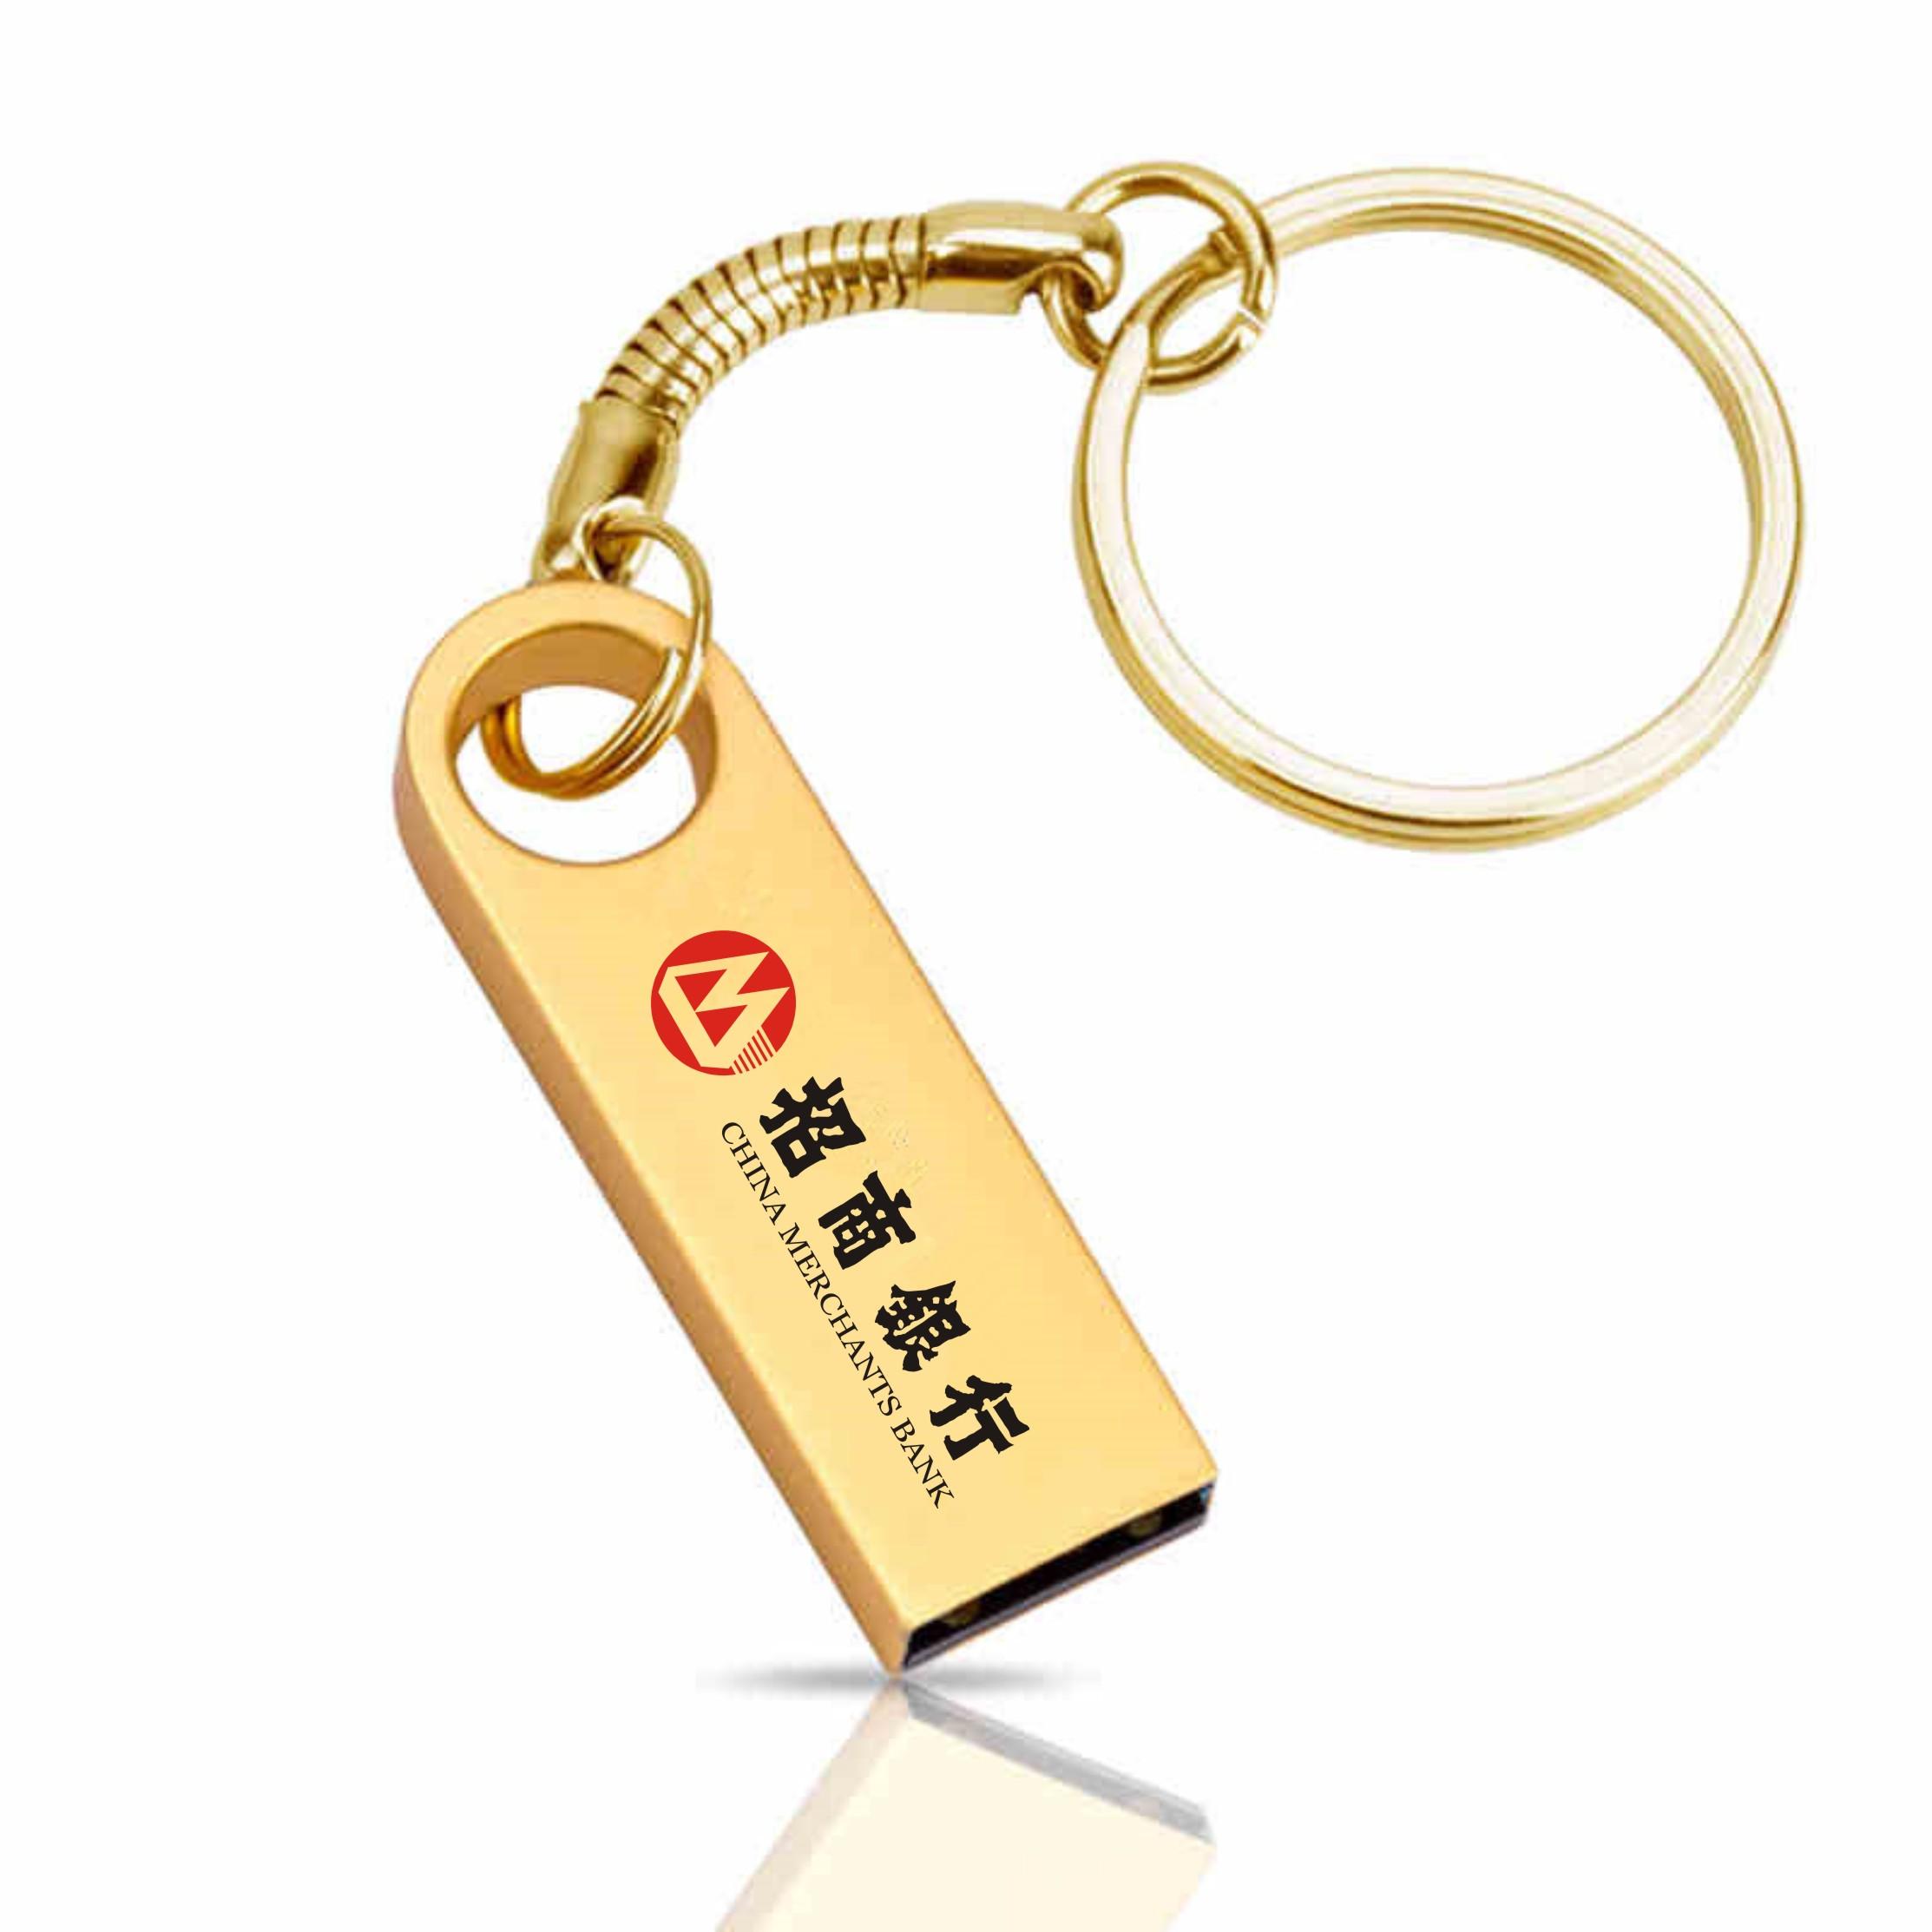 京城工体音乐u盘金属款厂家直销金属音乐符号吊环钥匙扣U盘